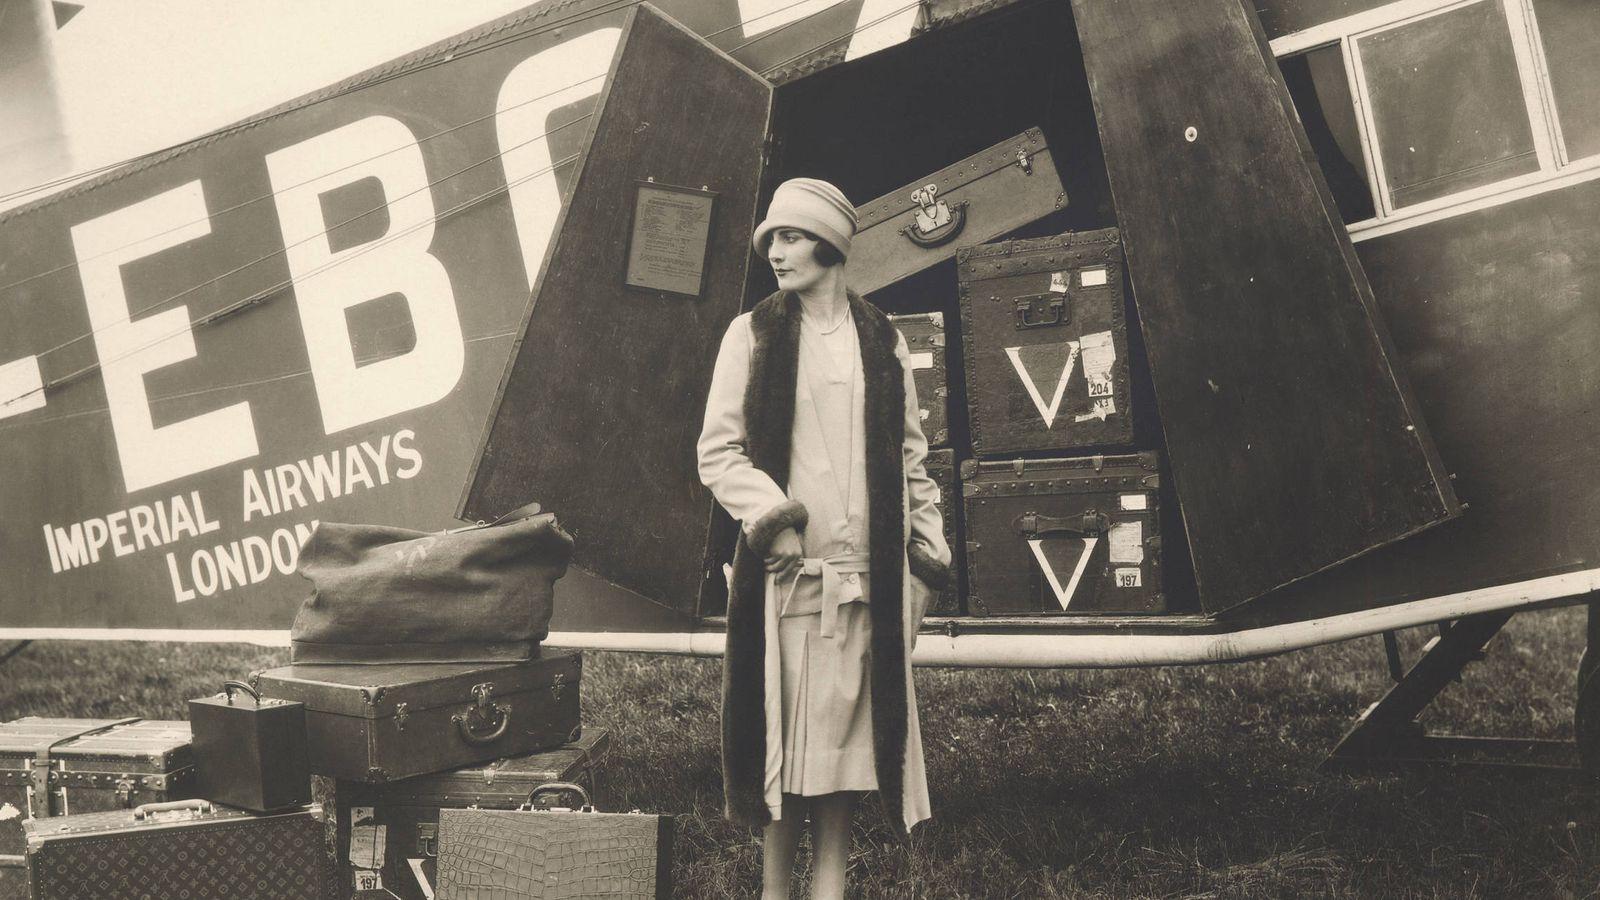 Foto: 'El viaje en avión', una fotografía de Therese Bonney. (Cortesía Louis Vuitton)